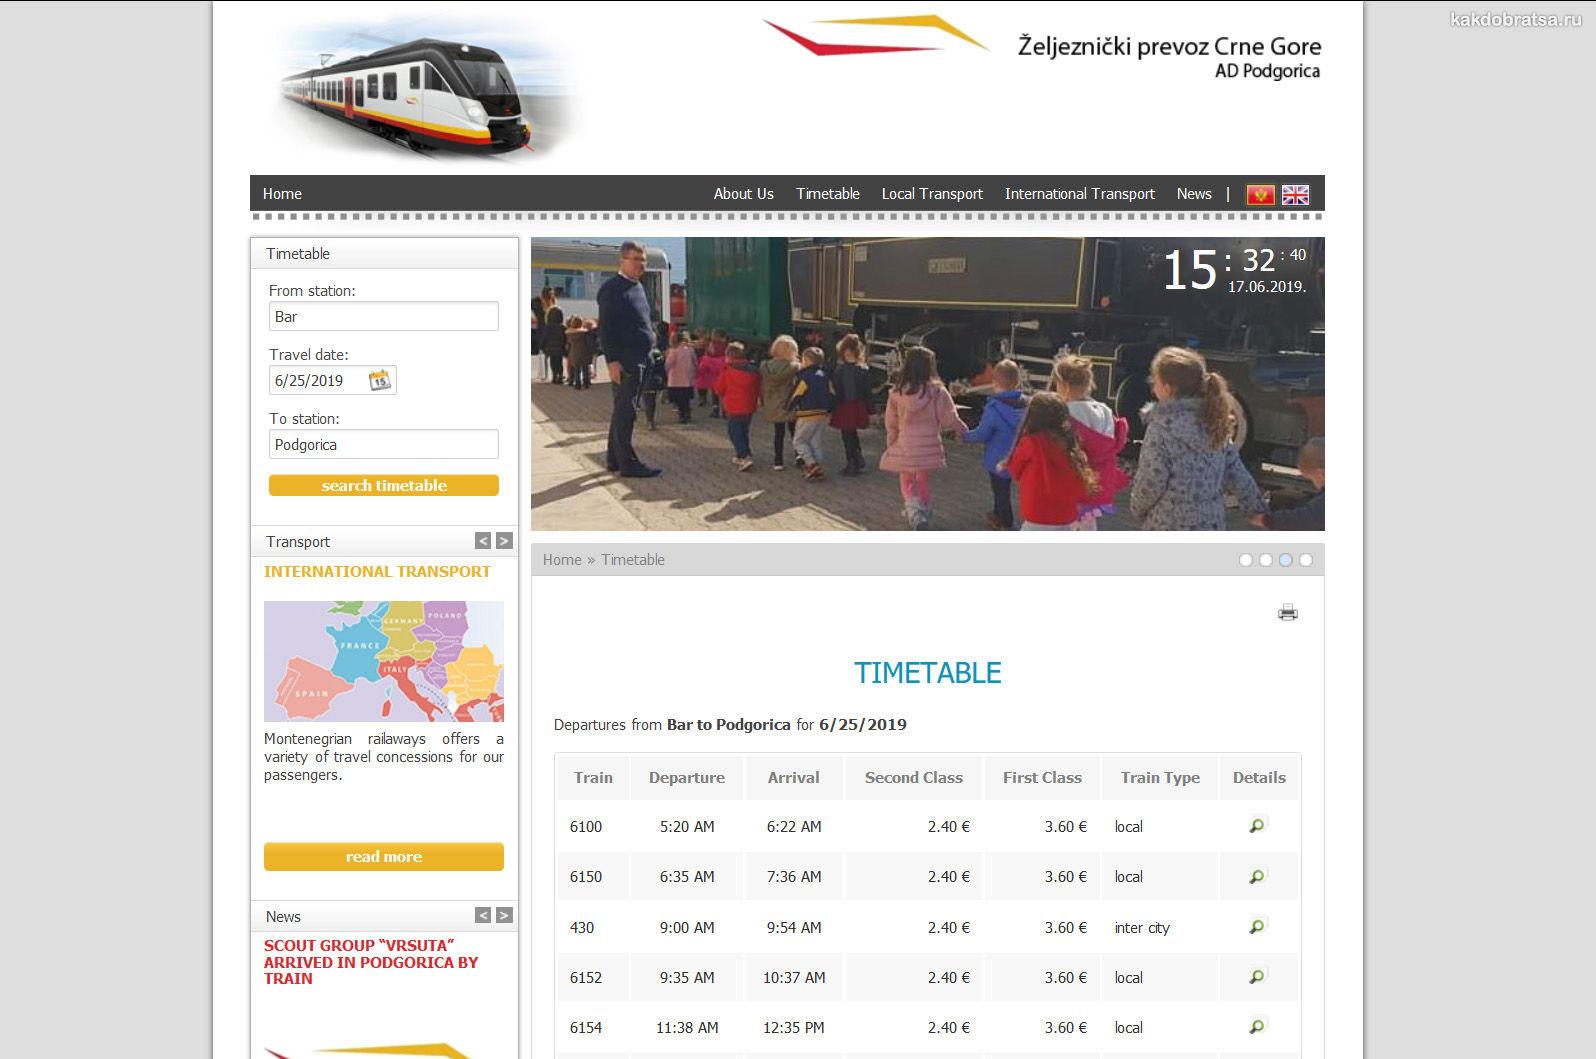 Официальный сайт железных дорог Черногории, расписание